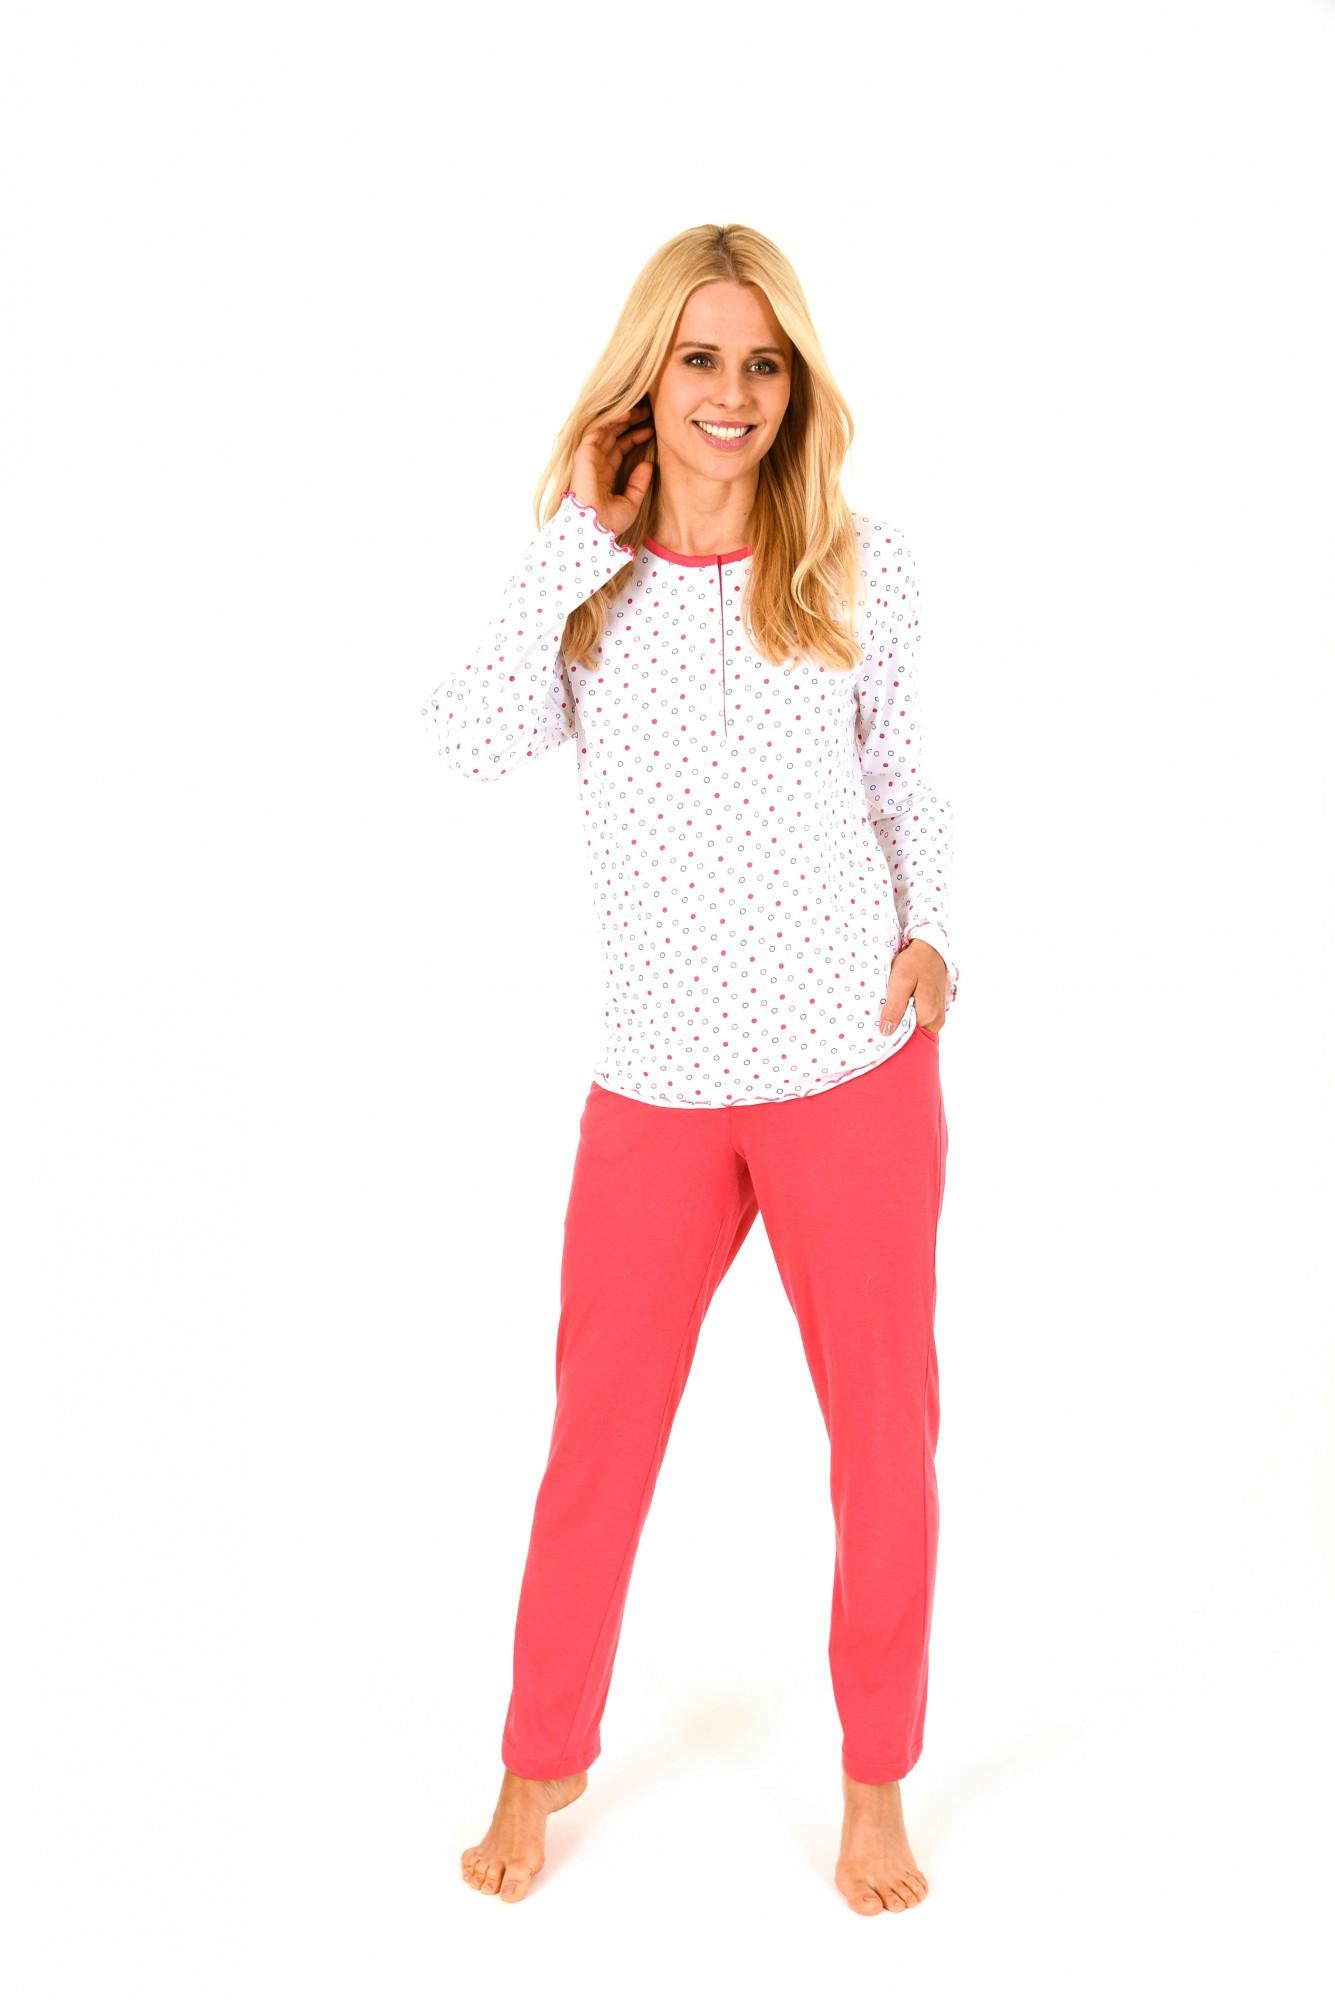 Edler Damen Pyjama langarm mit Tupfen Druck – 171 201 90 807 001